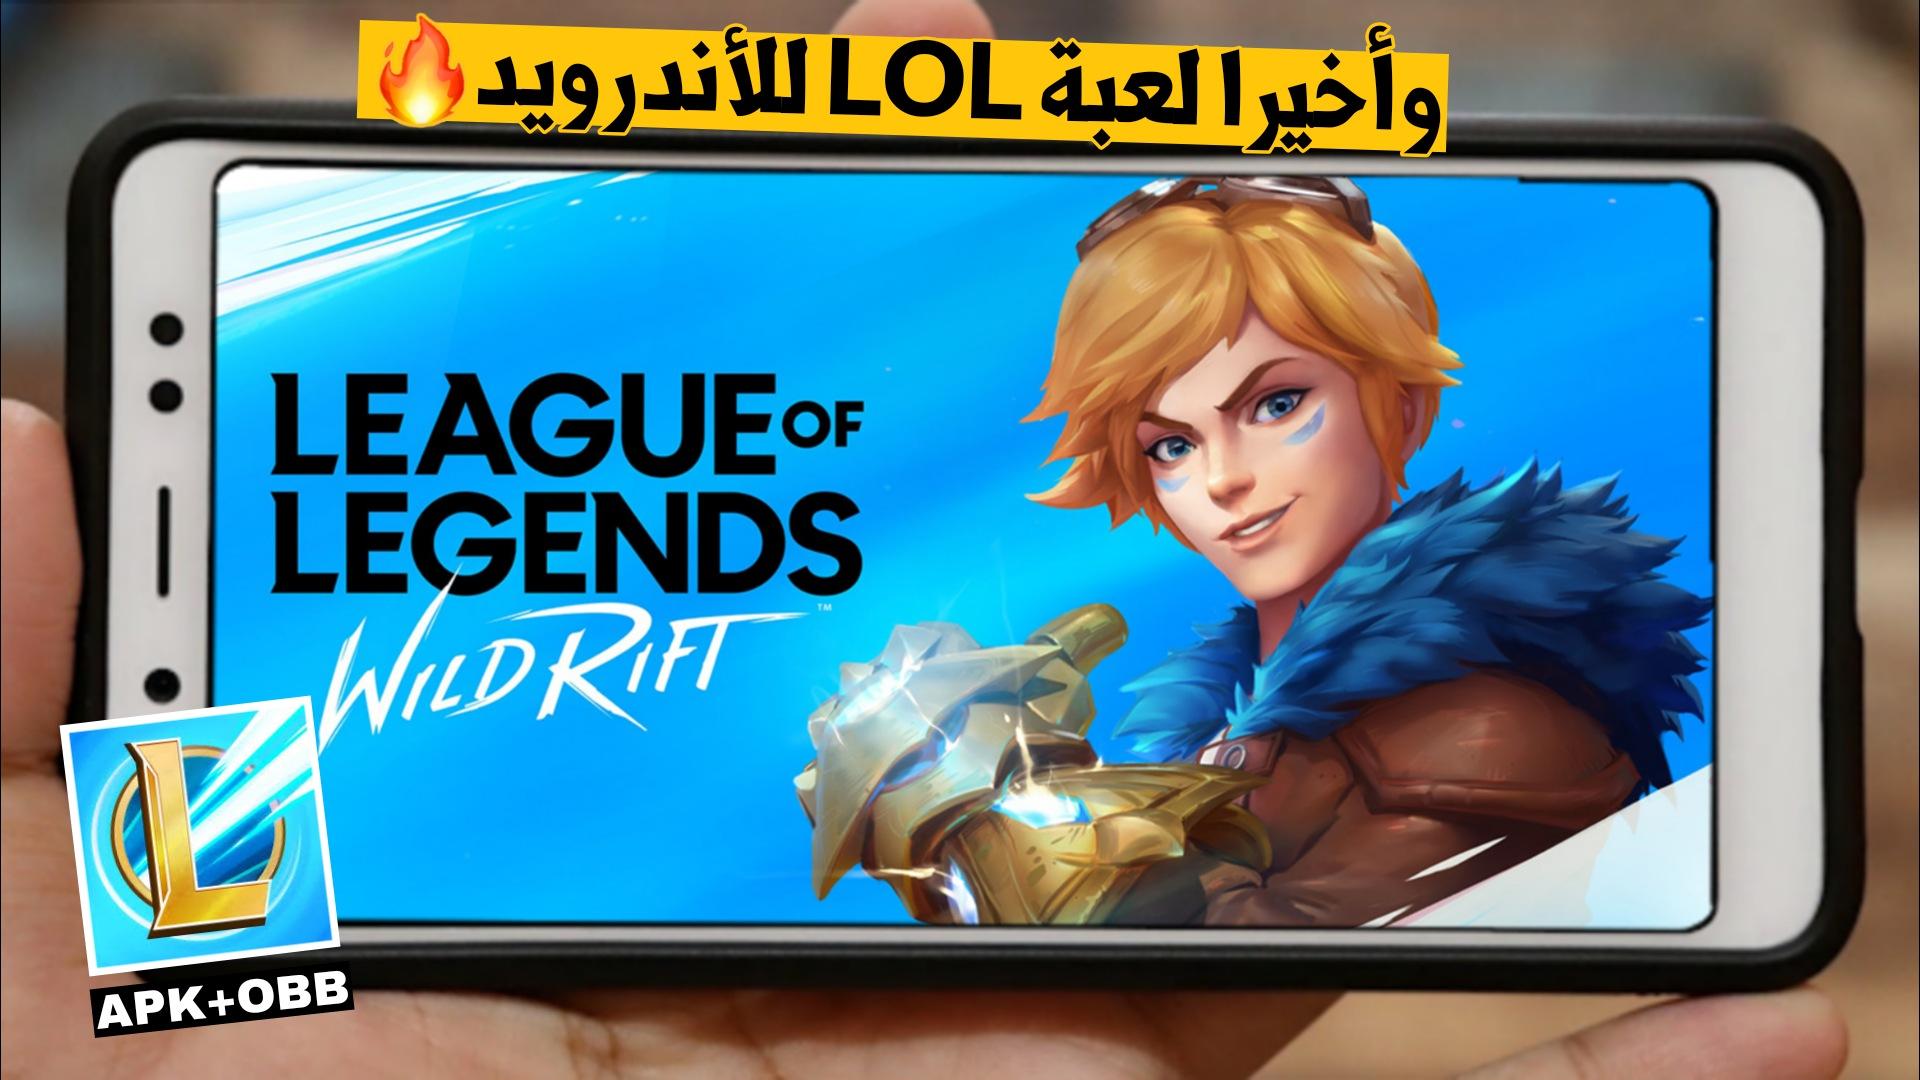 واخيرا تحميل لعبة (League of Legends: Wild Rift (LOL لجميع اجهزة الاندرويد من ميديافاير